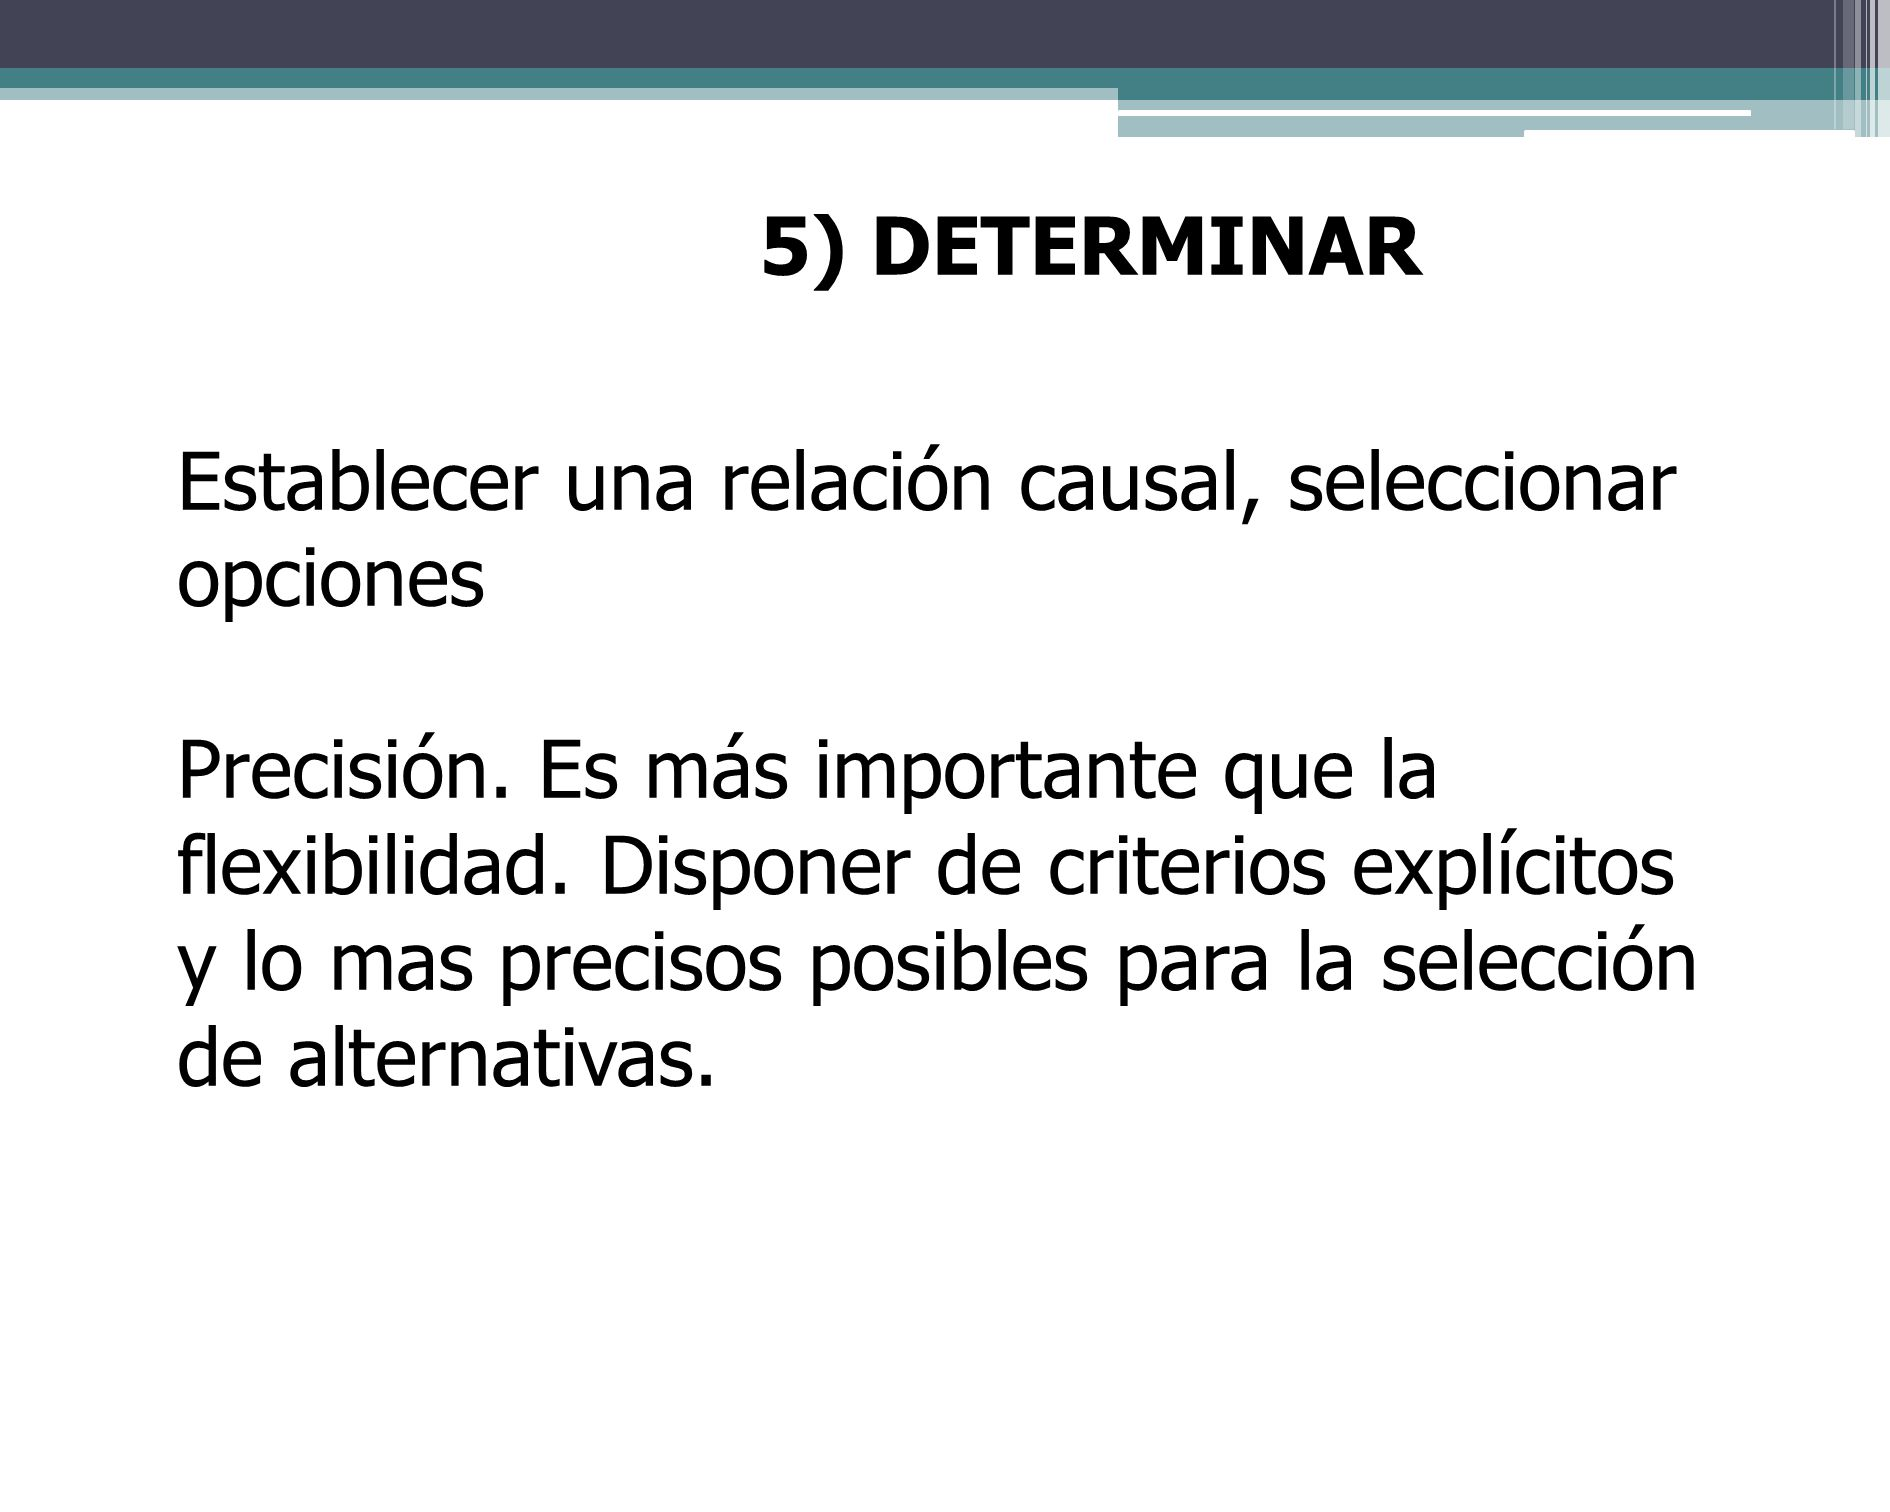 5) DETERMINAR Establecer una relación causal, seleccionar opciones.